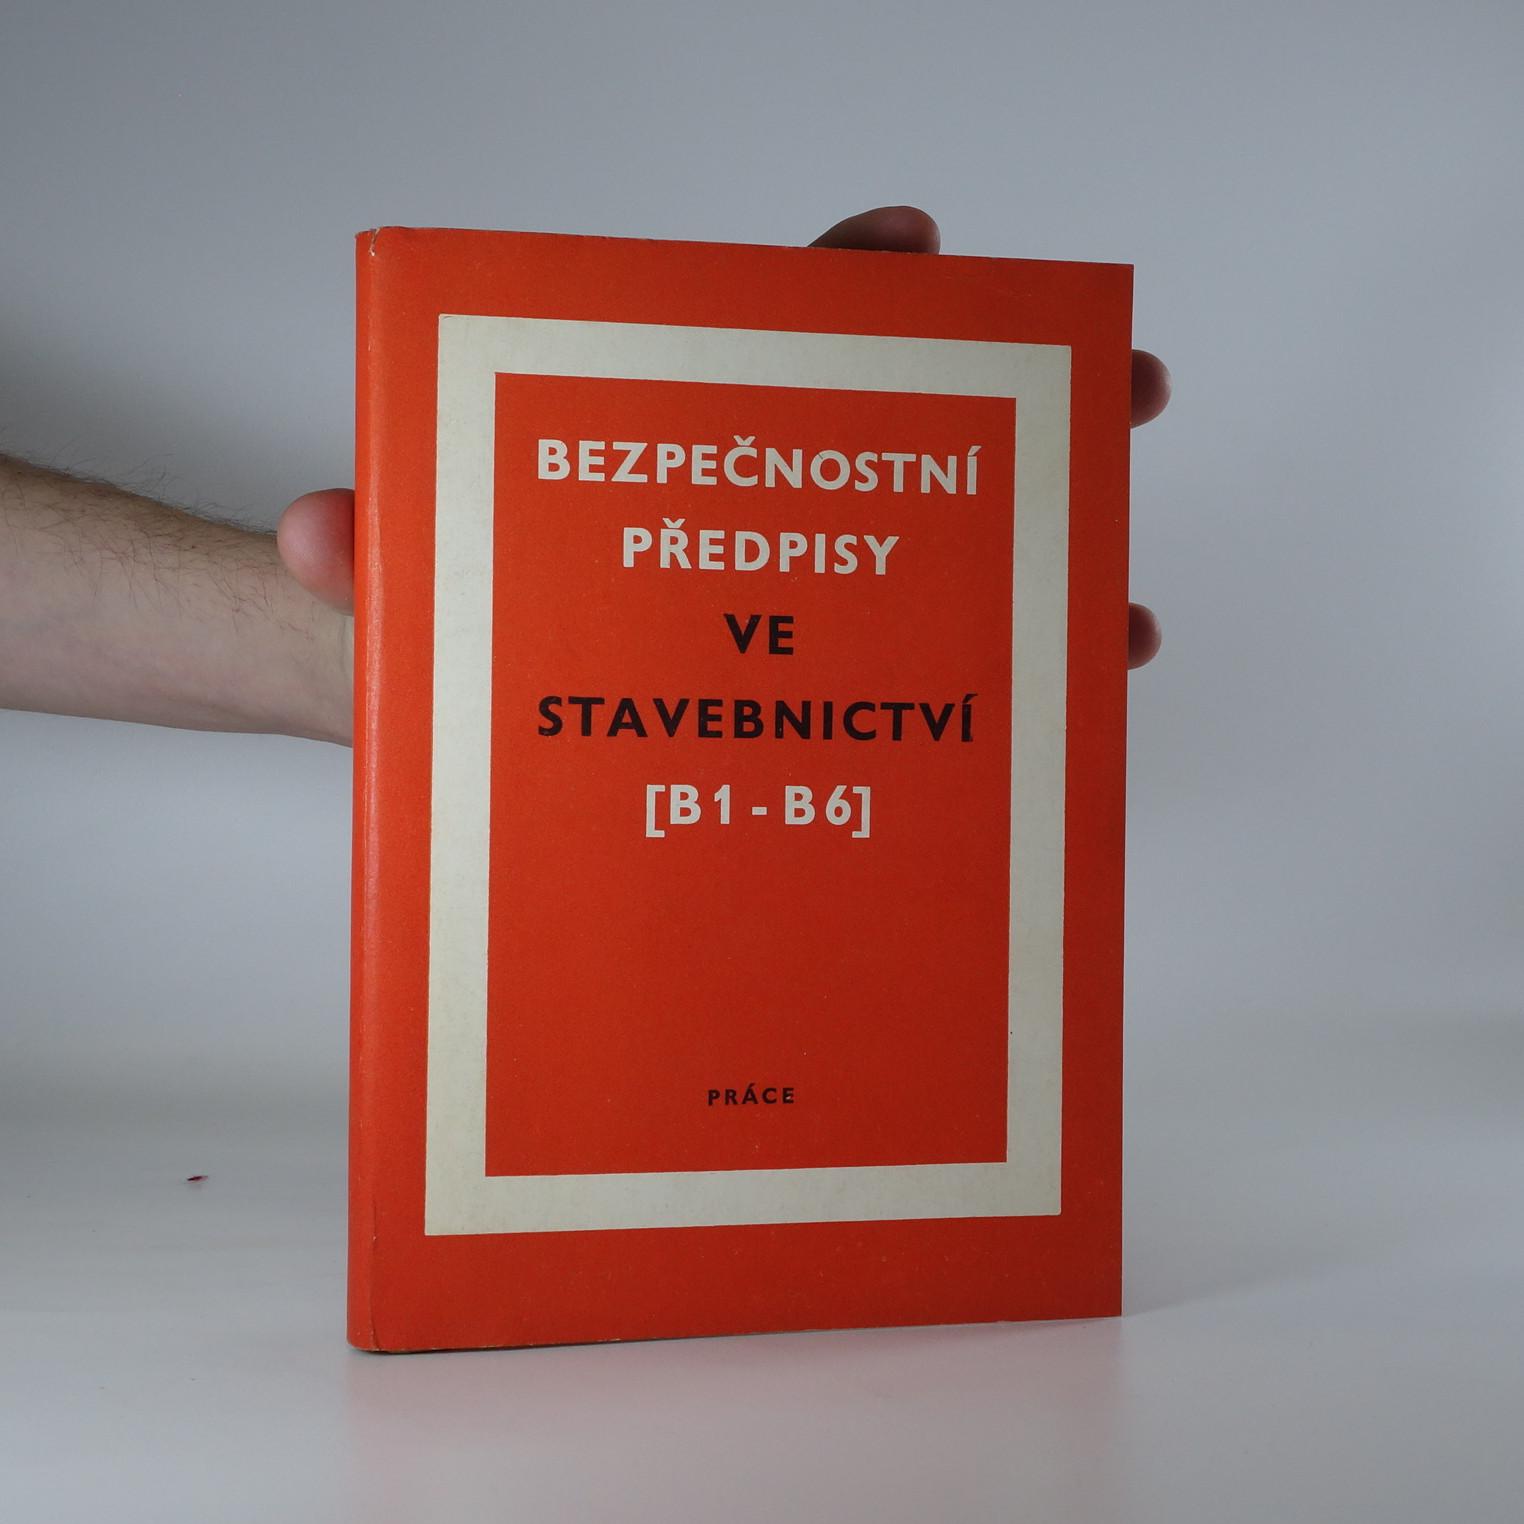 antikvární kniha Bezpečnostní předpisy ve stavebnictví : Výnosy min. stavebnictví B 1-B 6 a výnos čís. 25/1965, 1976